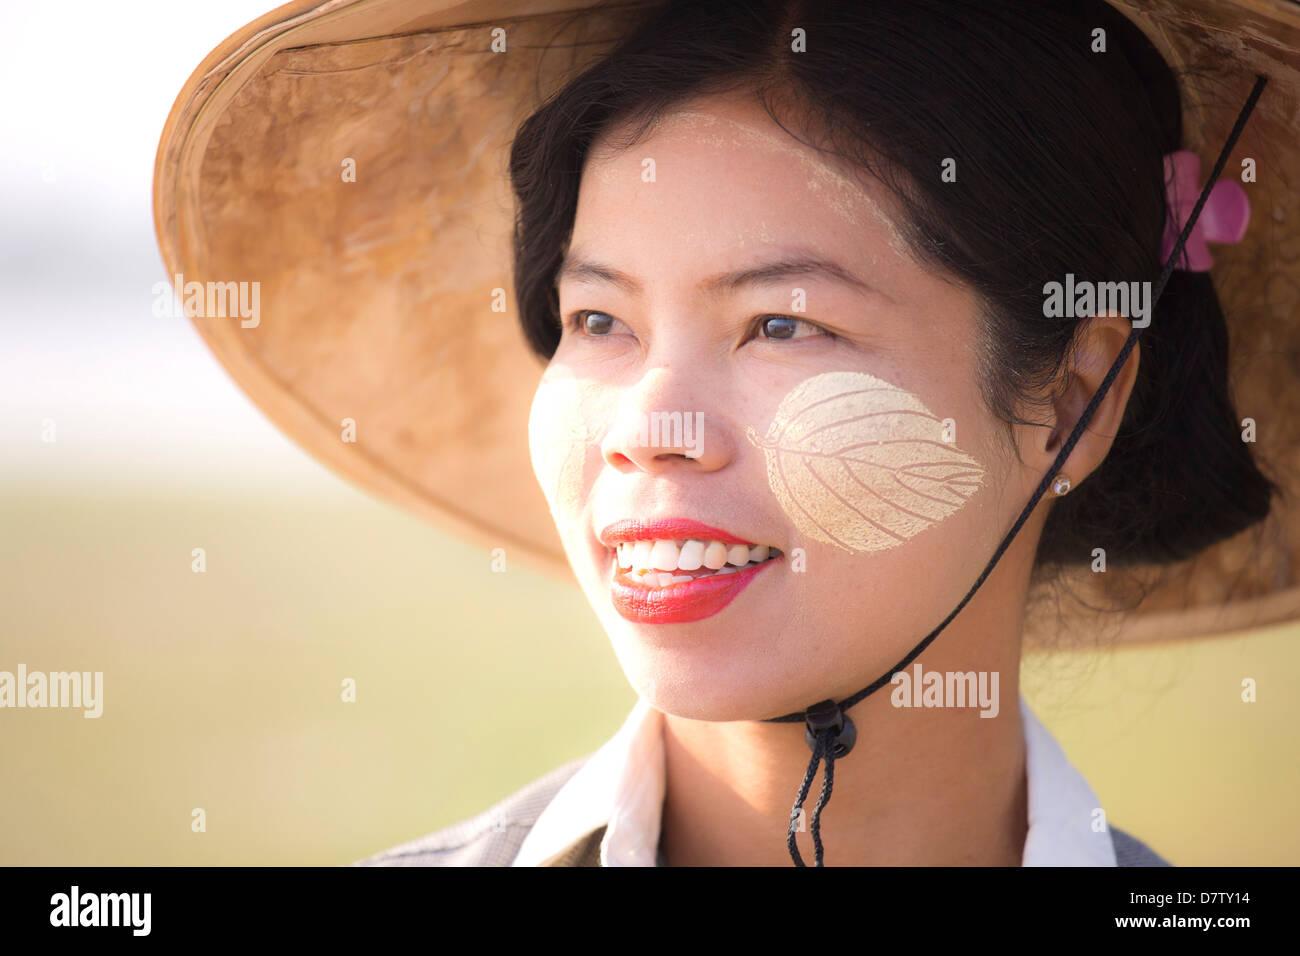 Hintergrundbeleuchtung Porträt der Frau tragen traditionellen Kleidung, in der Nähe von Mandalay, Birma Stockbild